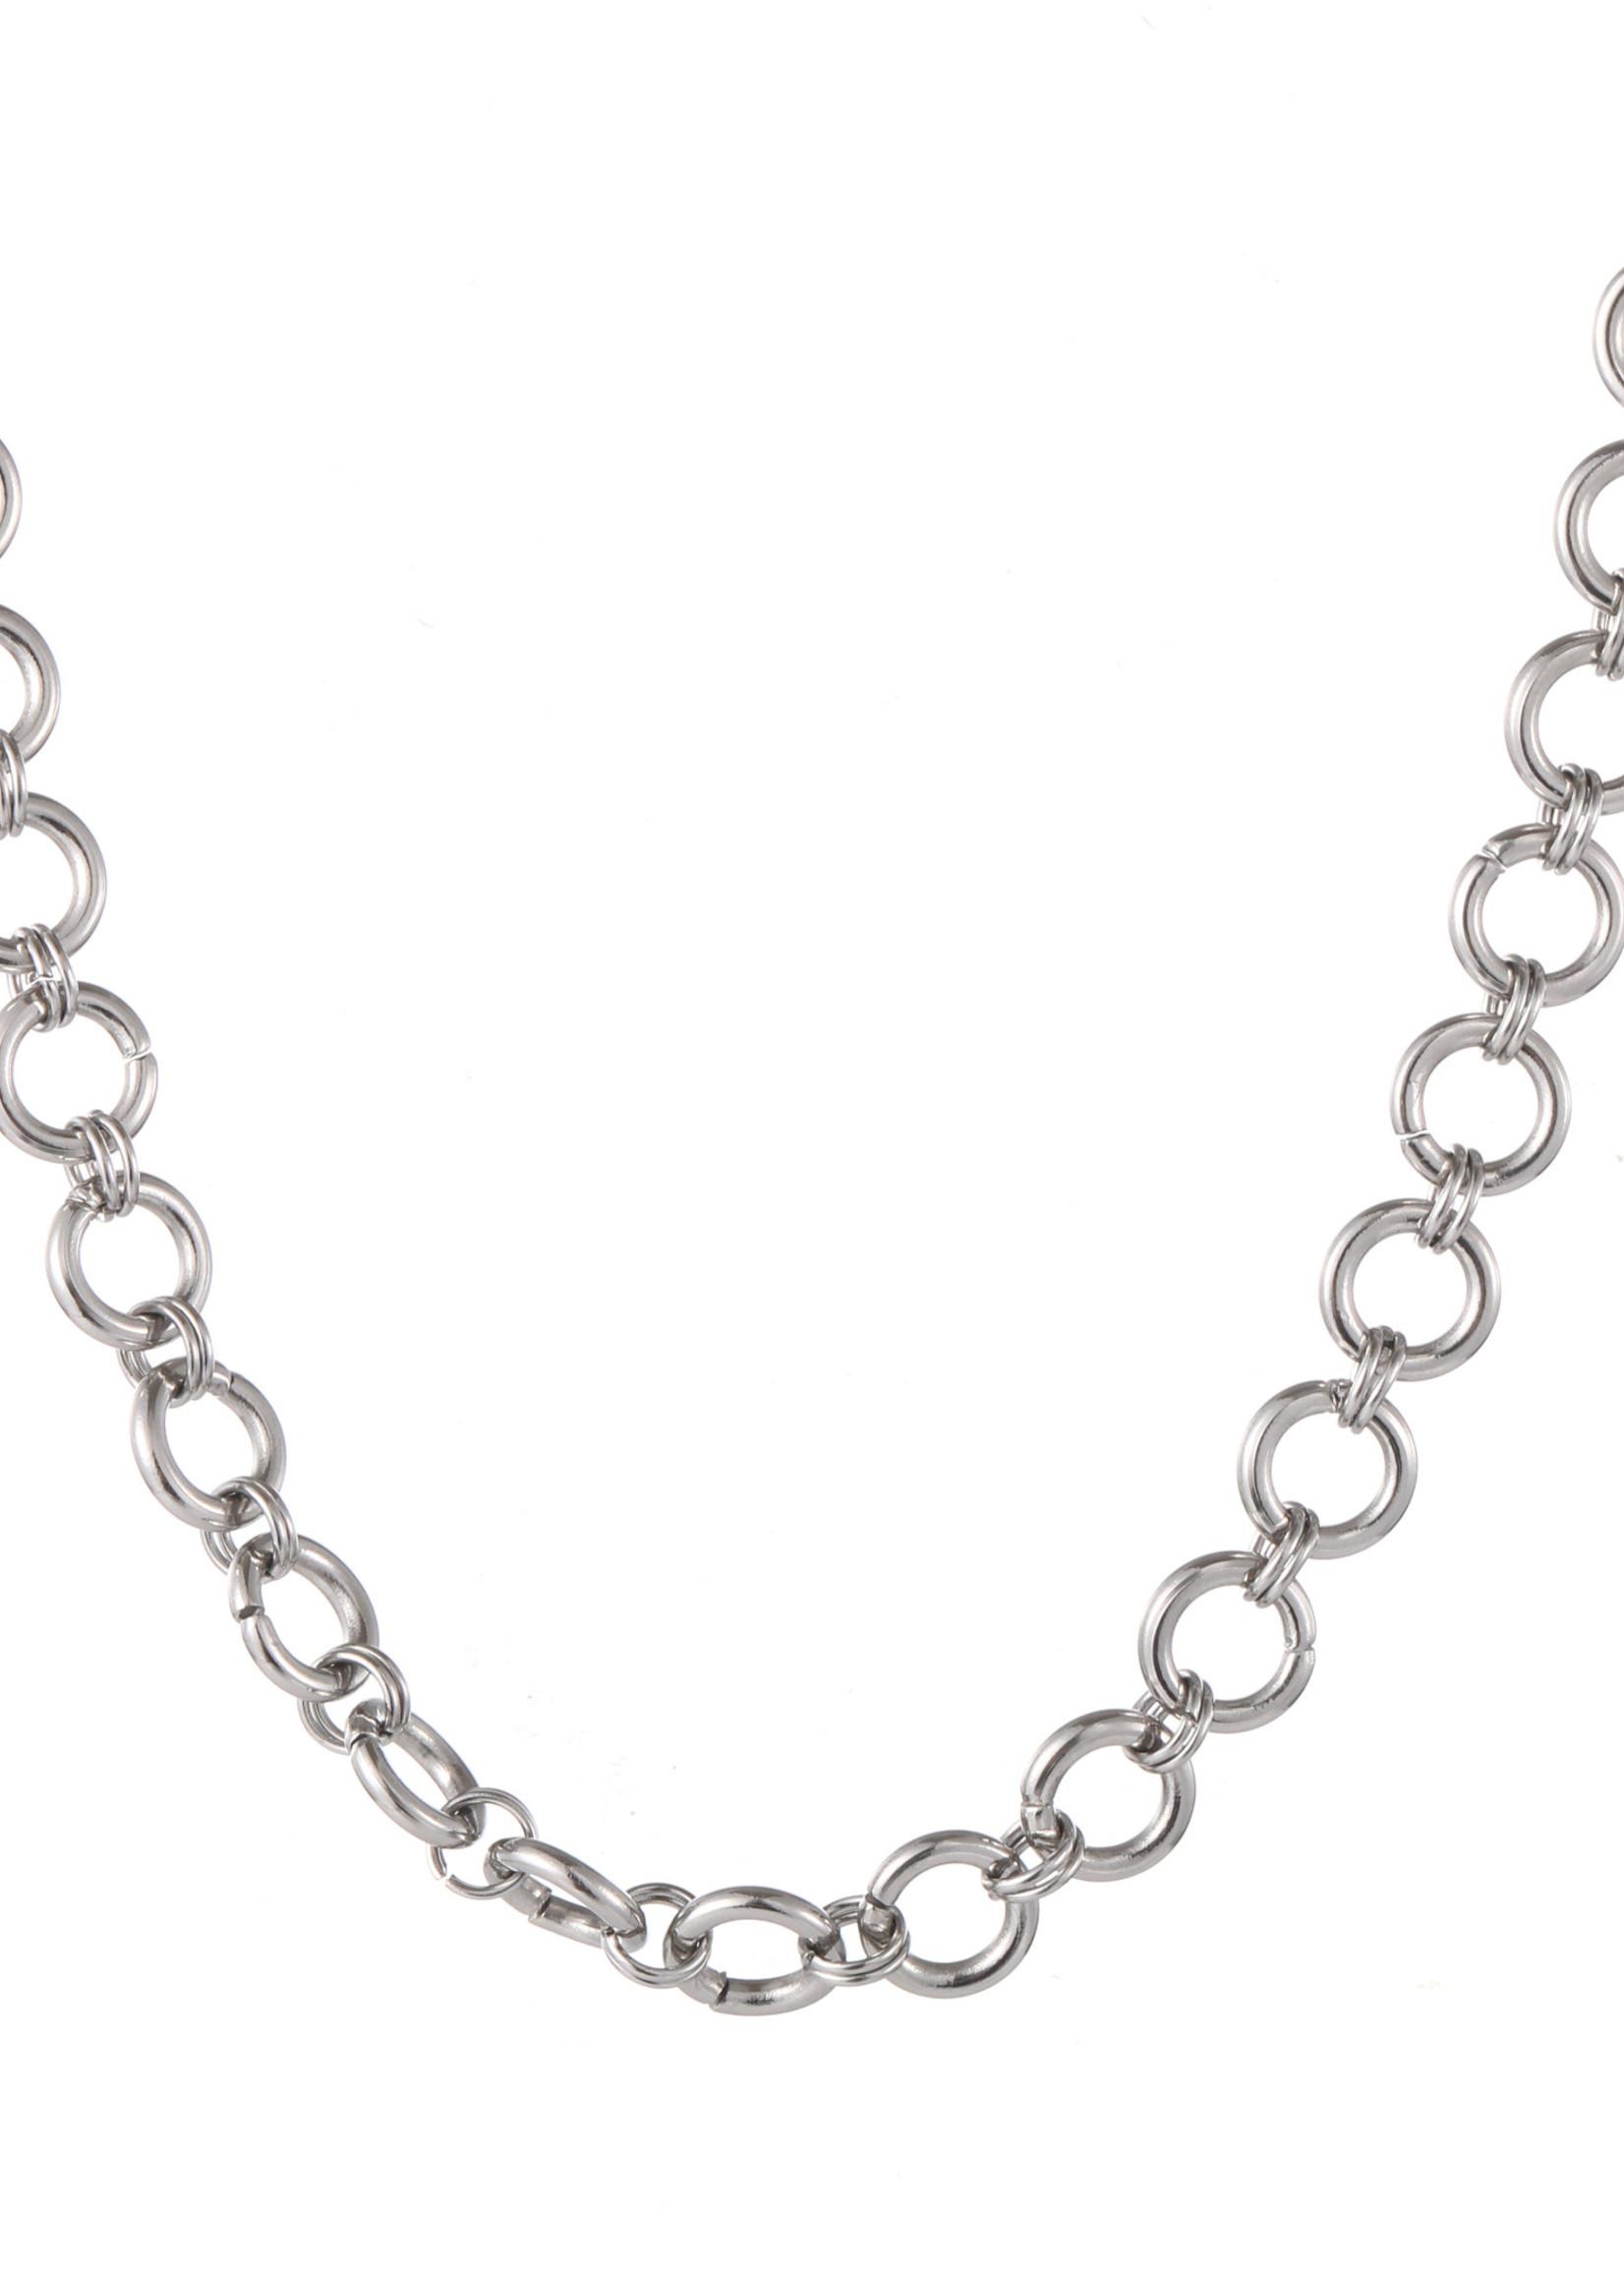 Ketting zilver ronde schakel N1285-1